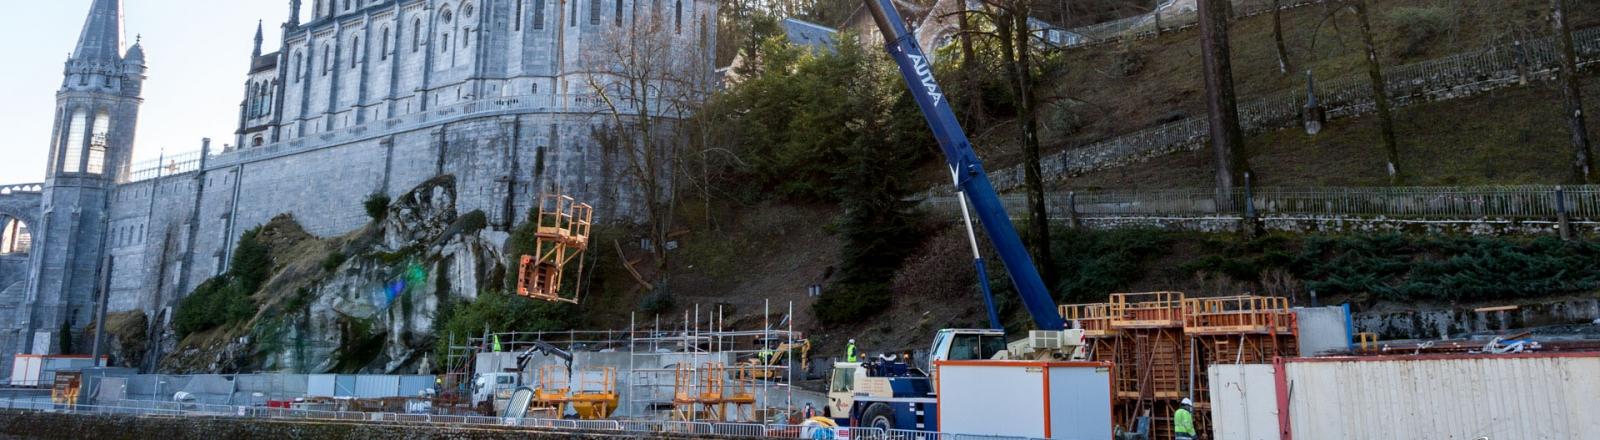 Lancé à l'hiver 2014, le Projet Grotte Cœur de Lourdes a été inauguré le 4 avril 2018, après quatre années de travaux qui auront profondément transformé l'espace de la Grotte, des arcades jusqu'aux piscines.